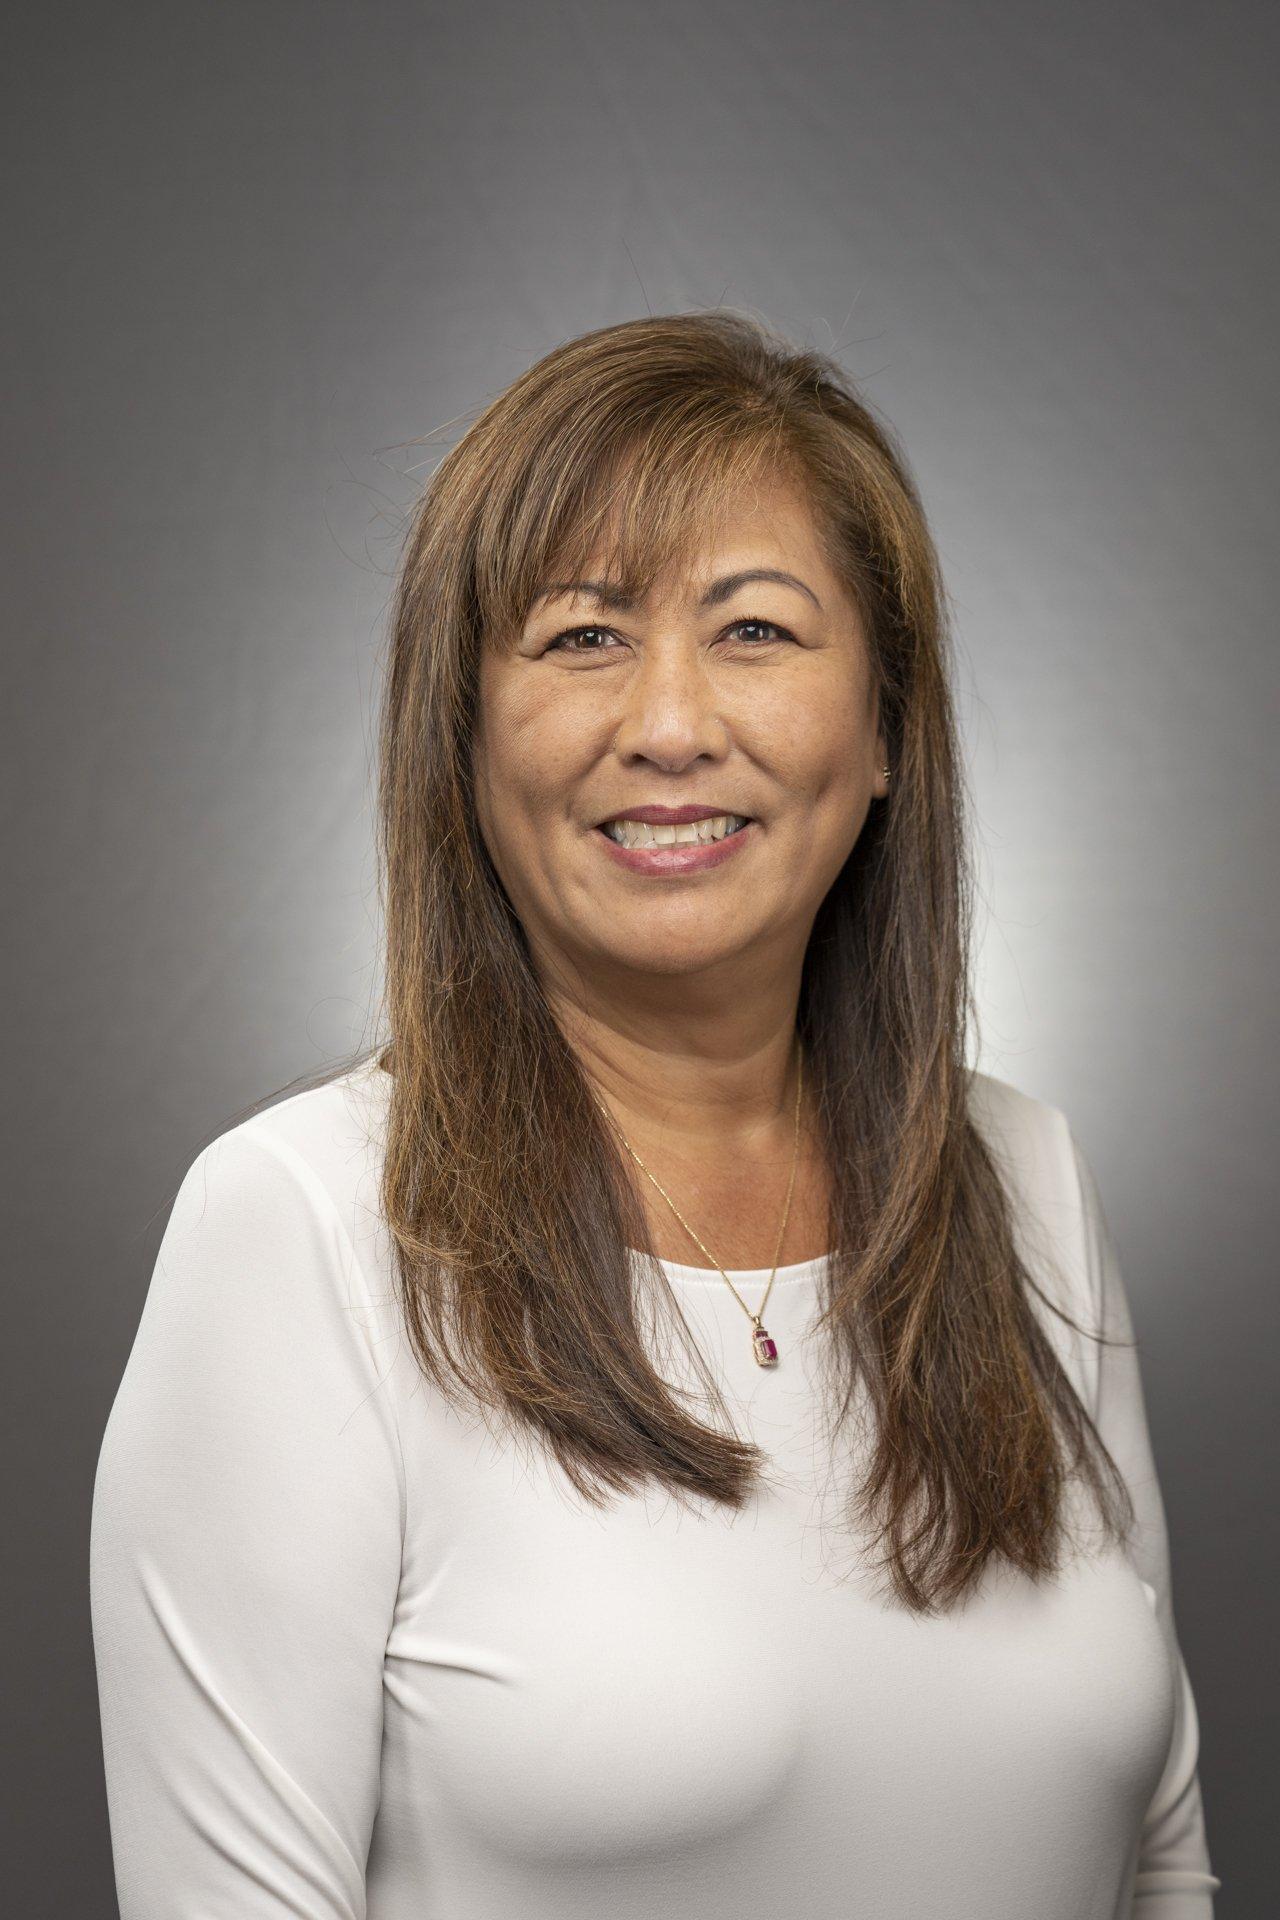 Lori Higashi